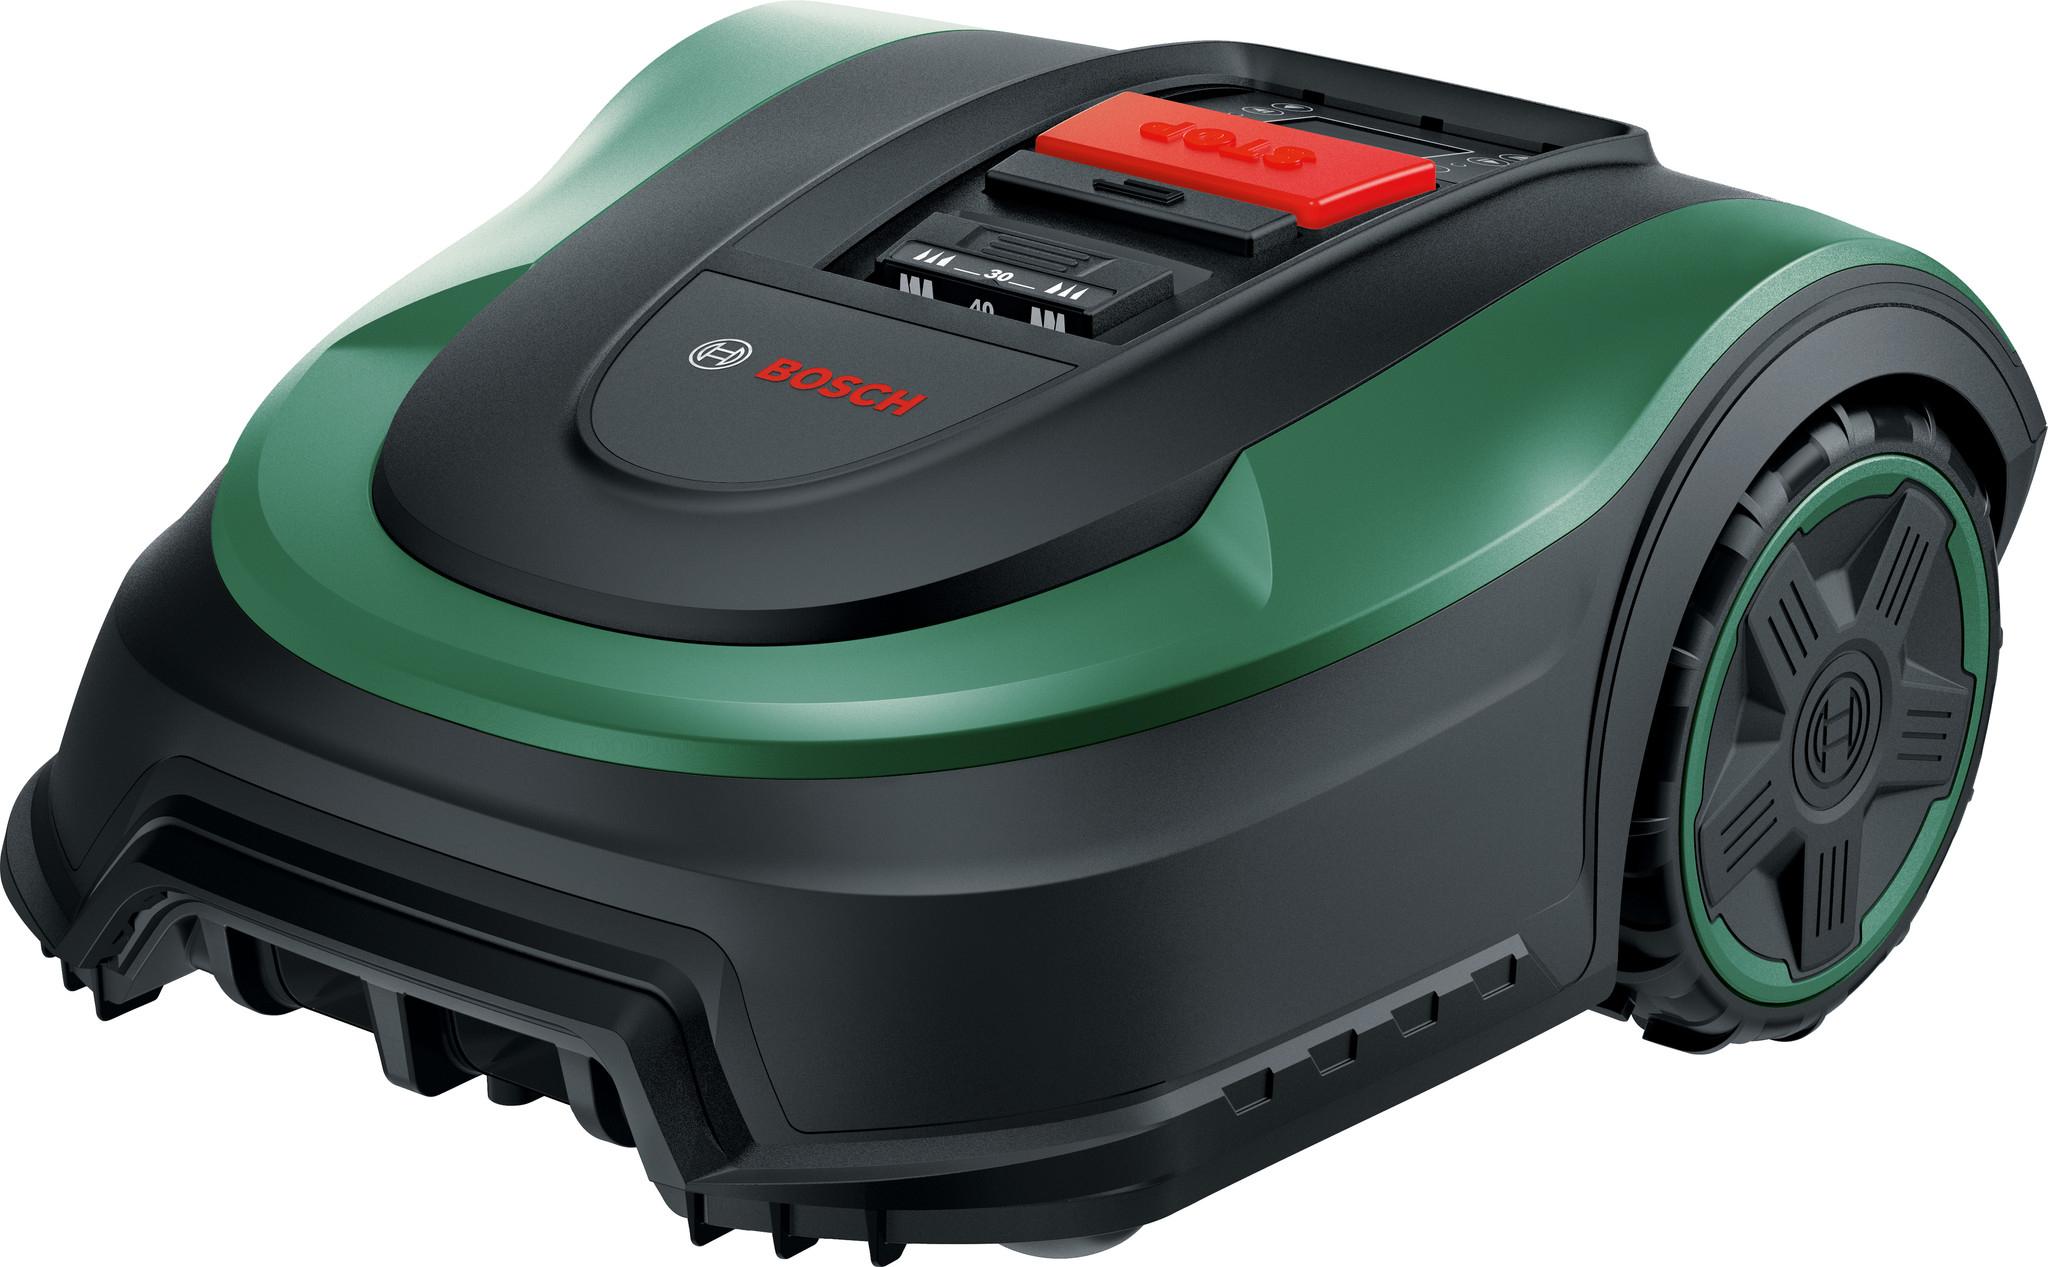 Bosch Indego S 500 robotmaaier voor €545,29 @ Amazon.nl